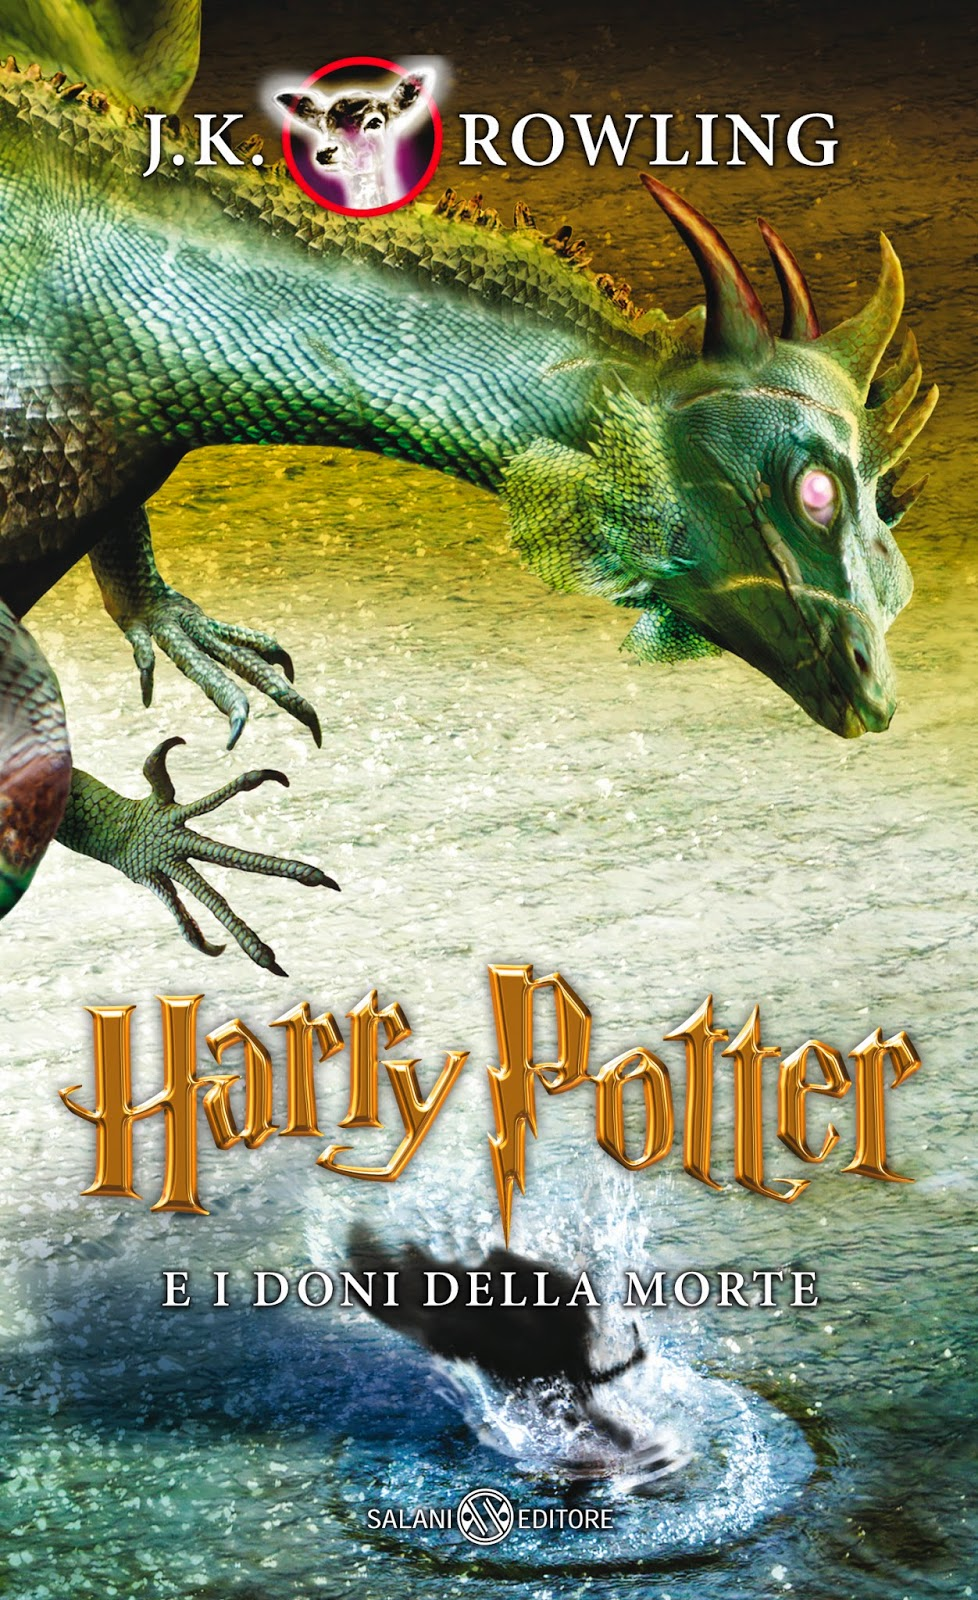 Harry Potter e i doni della morte Edizione 2014 Illustrazioni Ien van Laanen